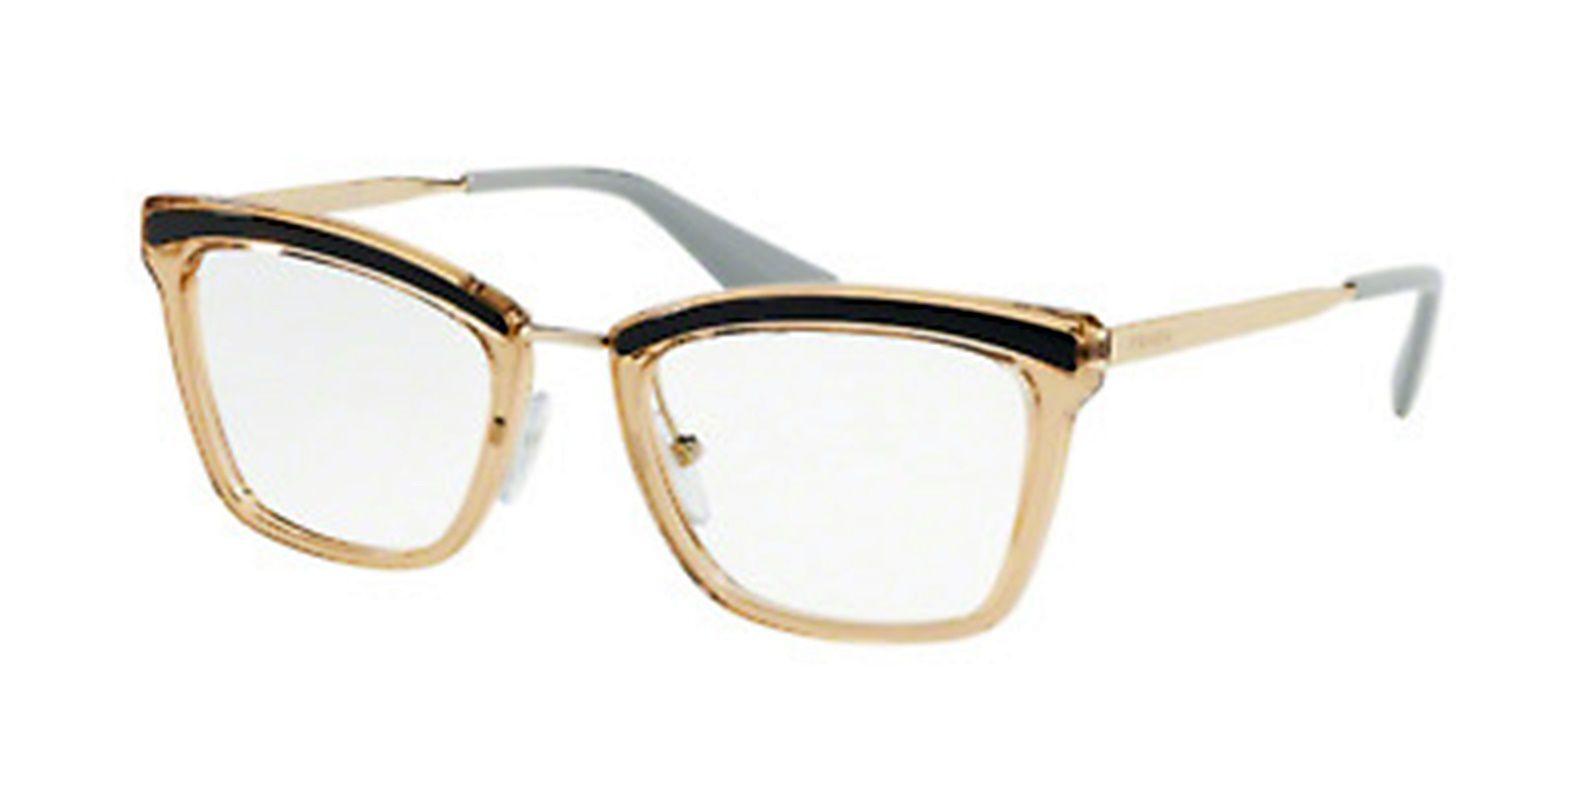 df2a43942 Armação Óculos de Grau Feminino Prada VPR15U KOF-101 - Omega Ótica e ...